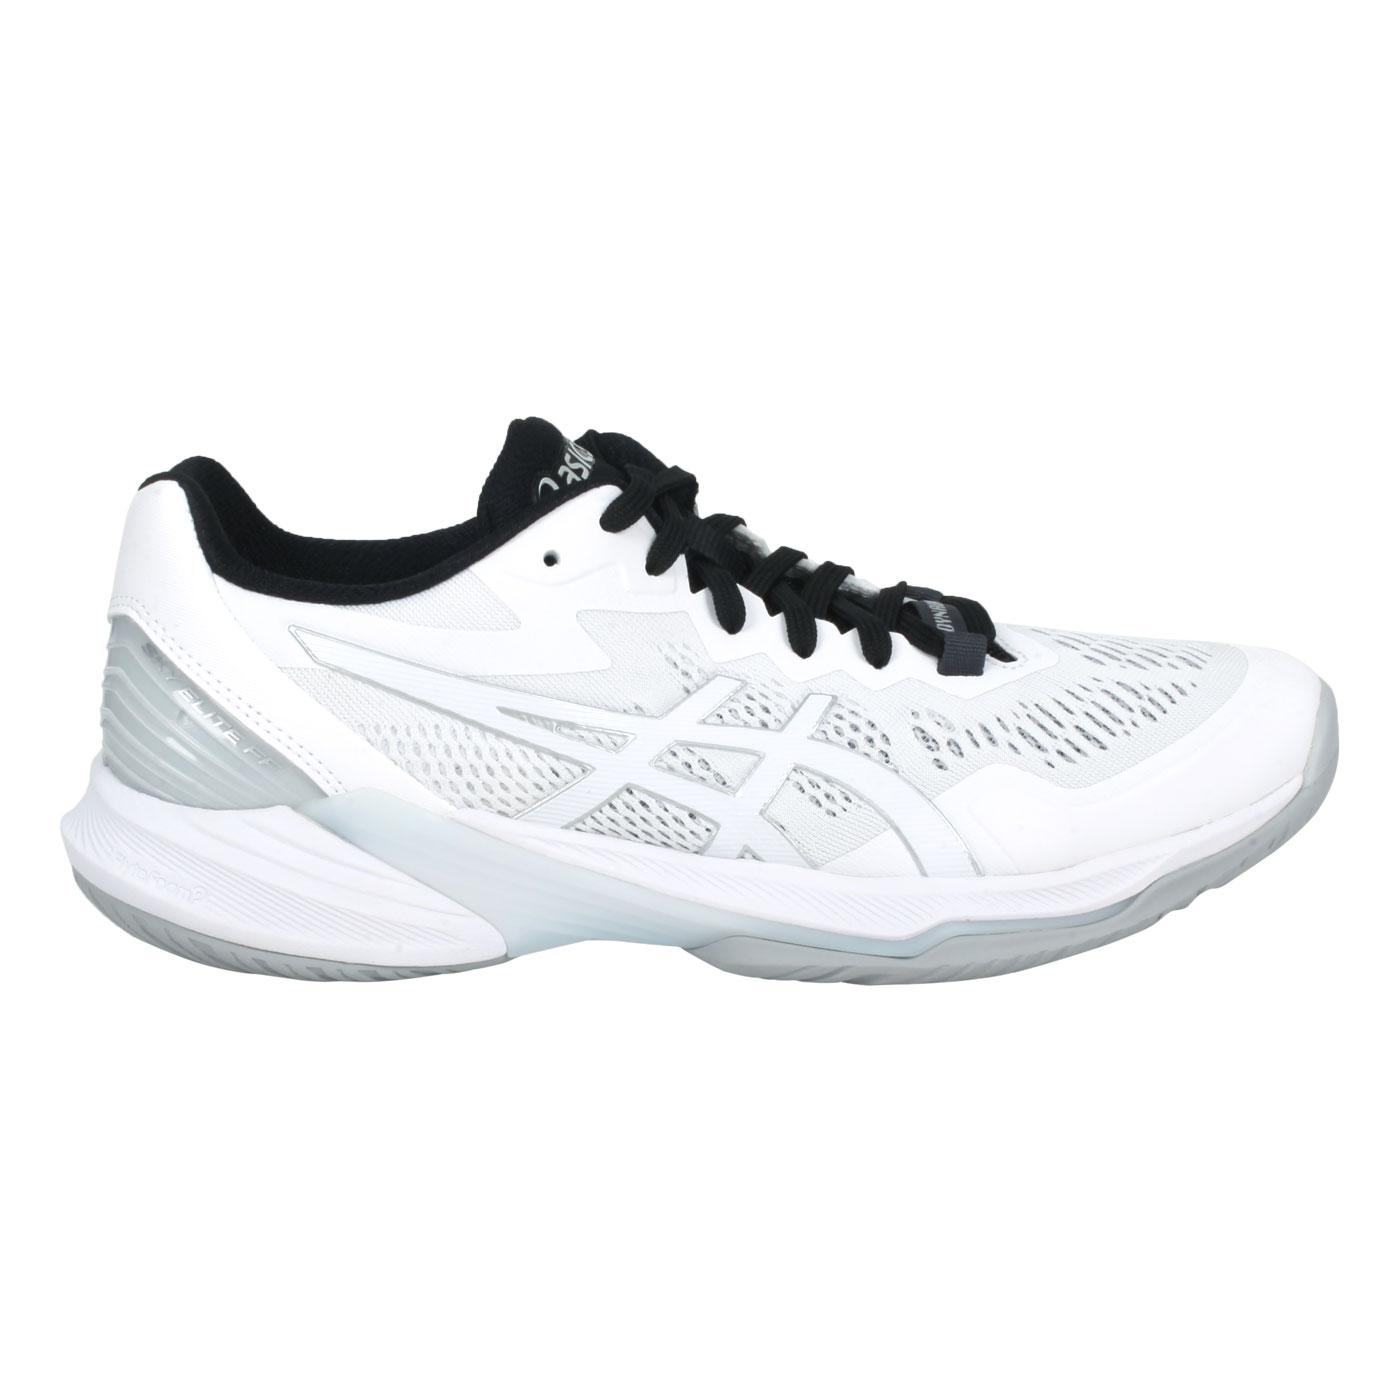 ASICS 特定-男款排羽球鞋  @SKY ELITE FF 2@1051A064-101